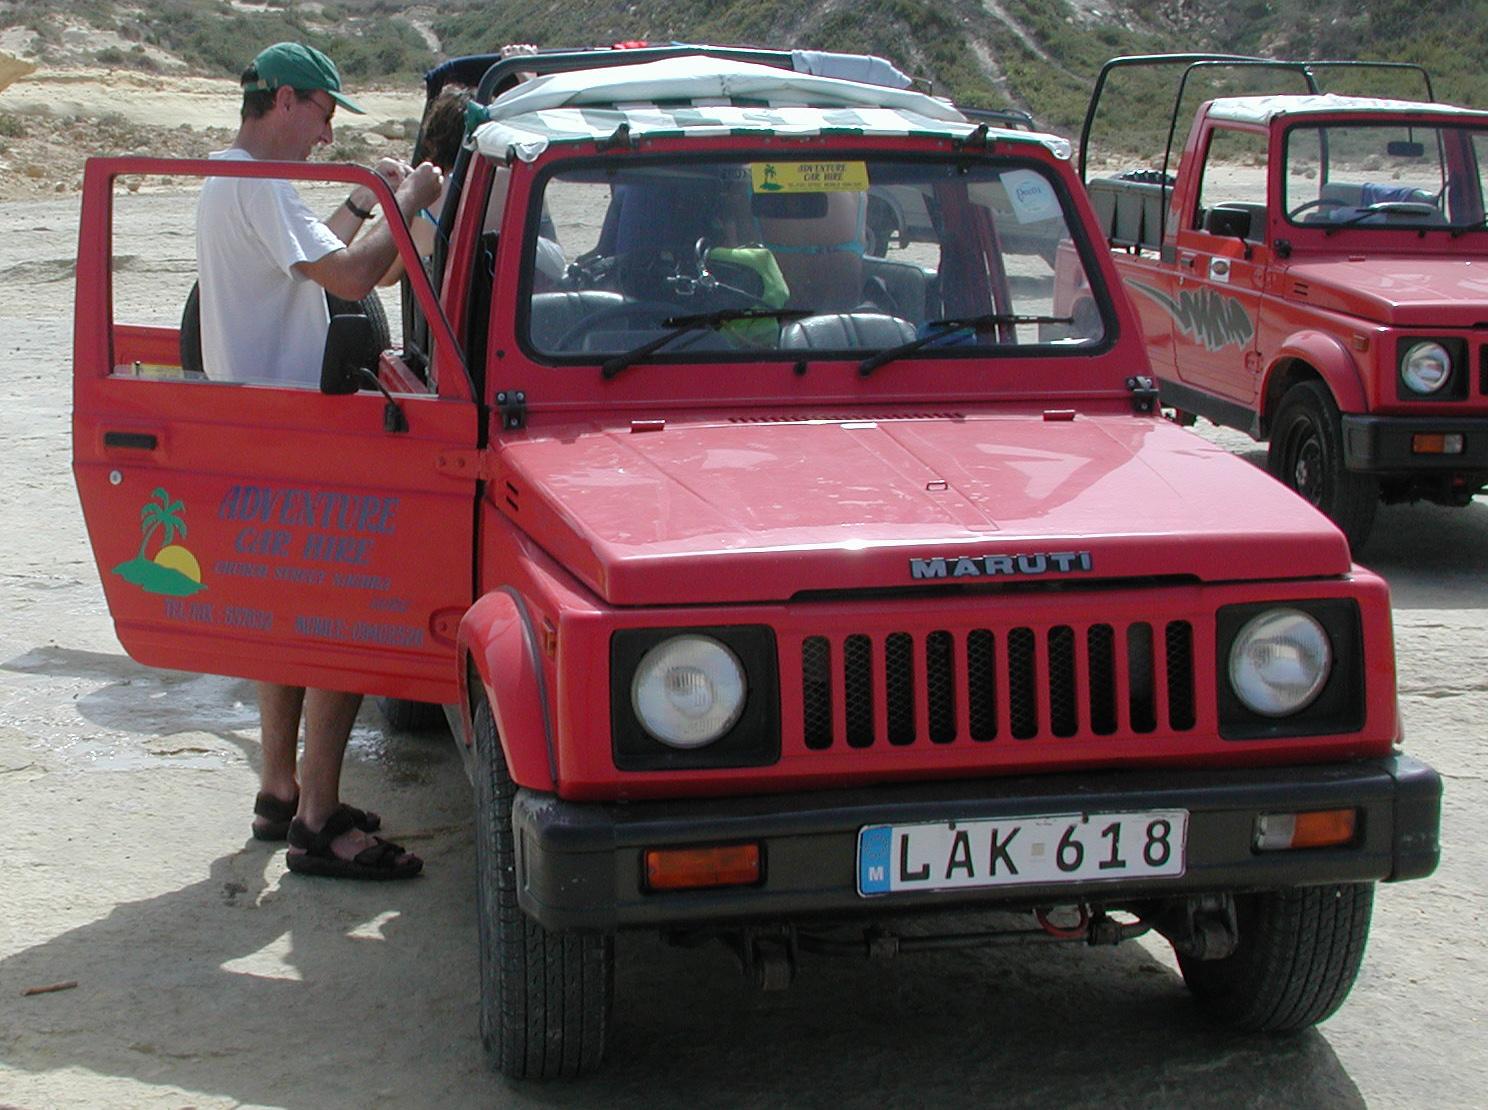 Maruthi  Used Cars